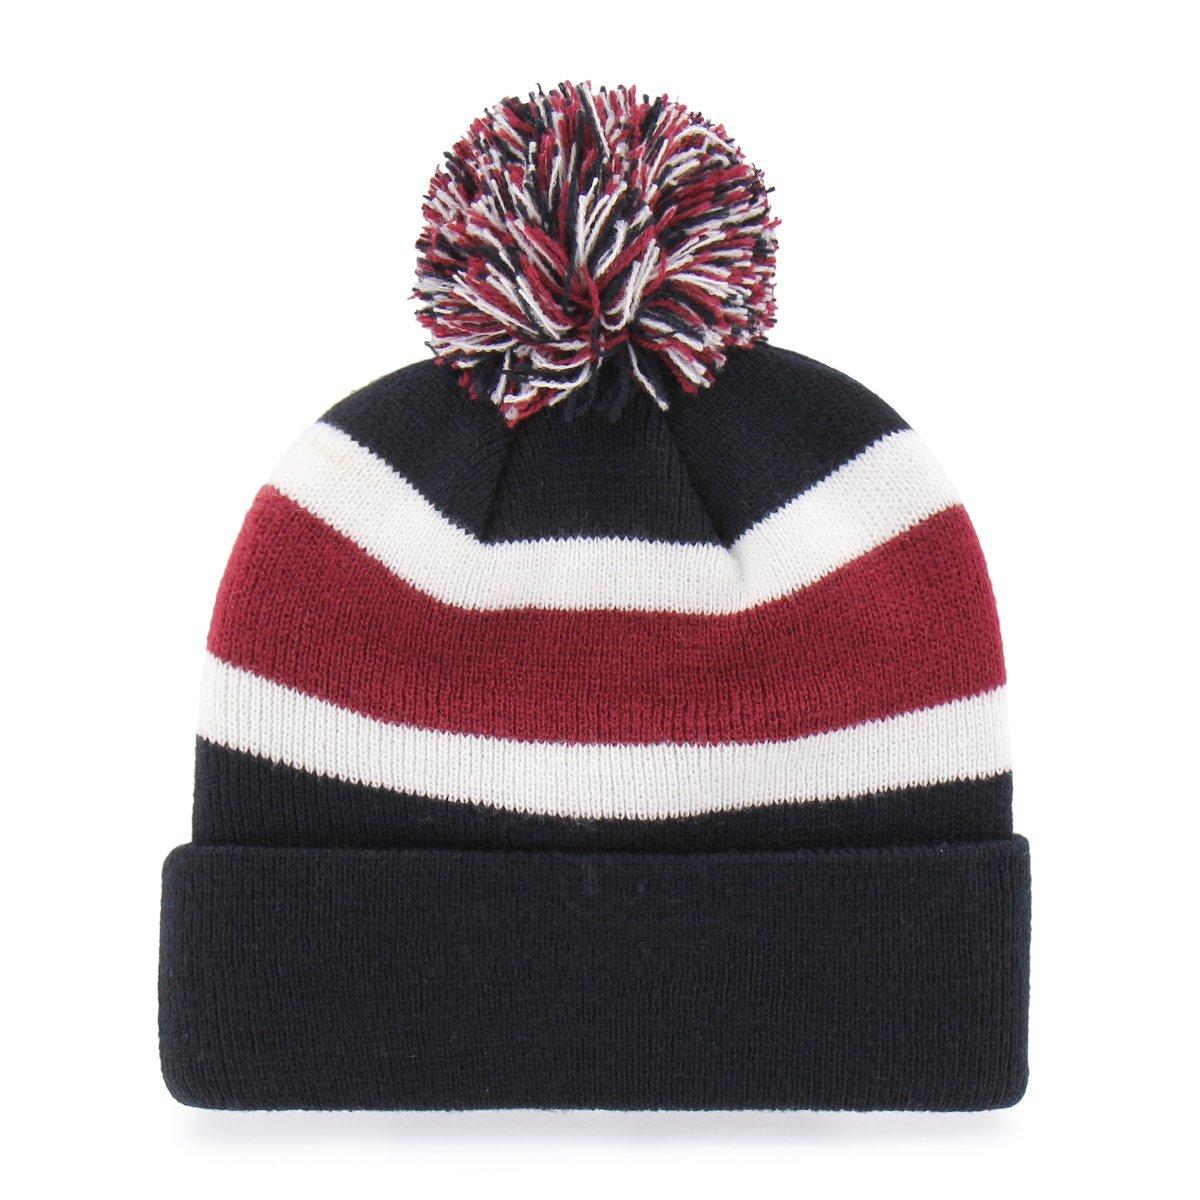 Fanartikel NHL New Jersey Devils 47 Logo Wollmütze Wintermütze Mütze Calgary Cuff Knit Hat